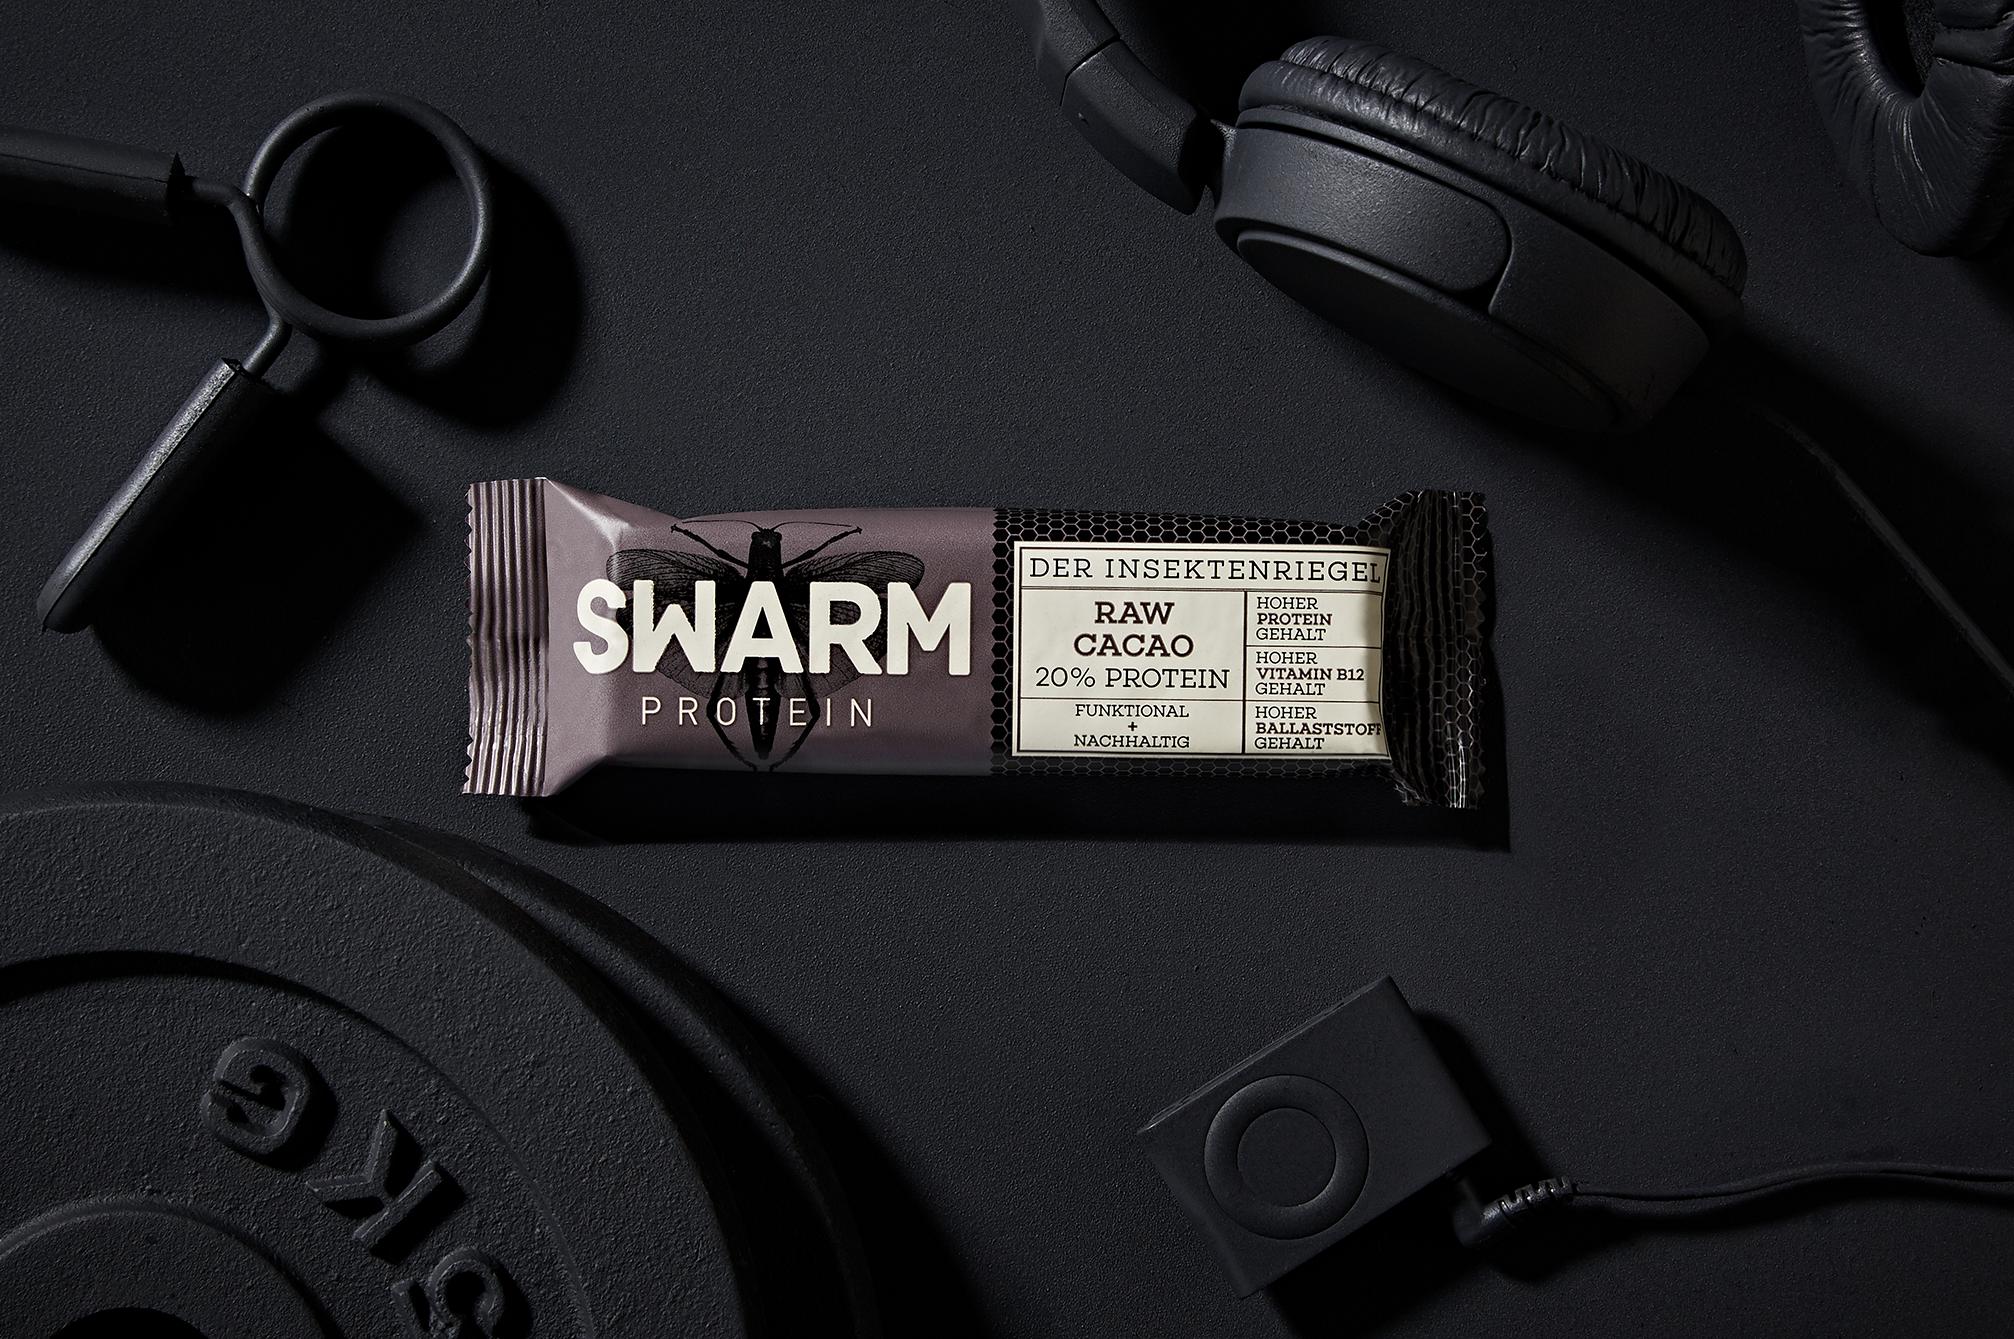 swarm_valentin_muehl_fotografie_stilllife_food_packshot_studio_set_3